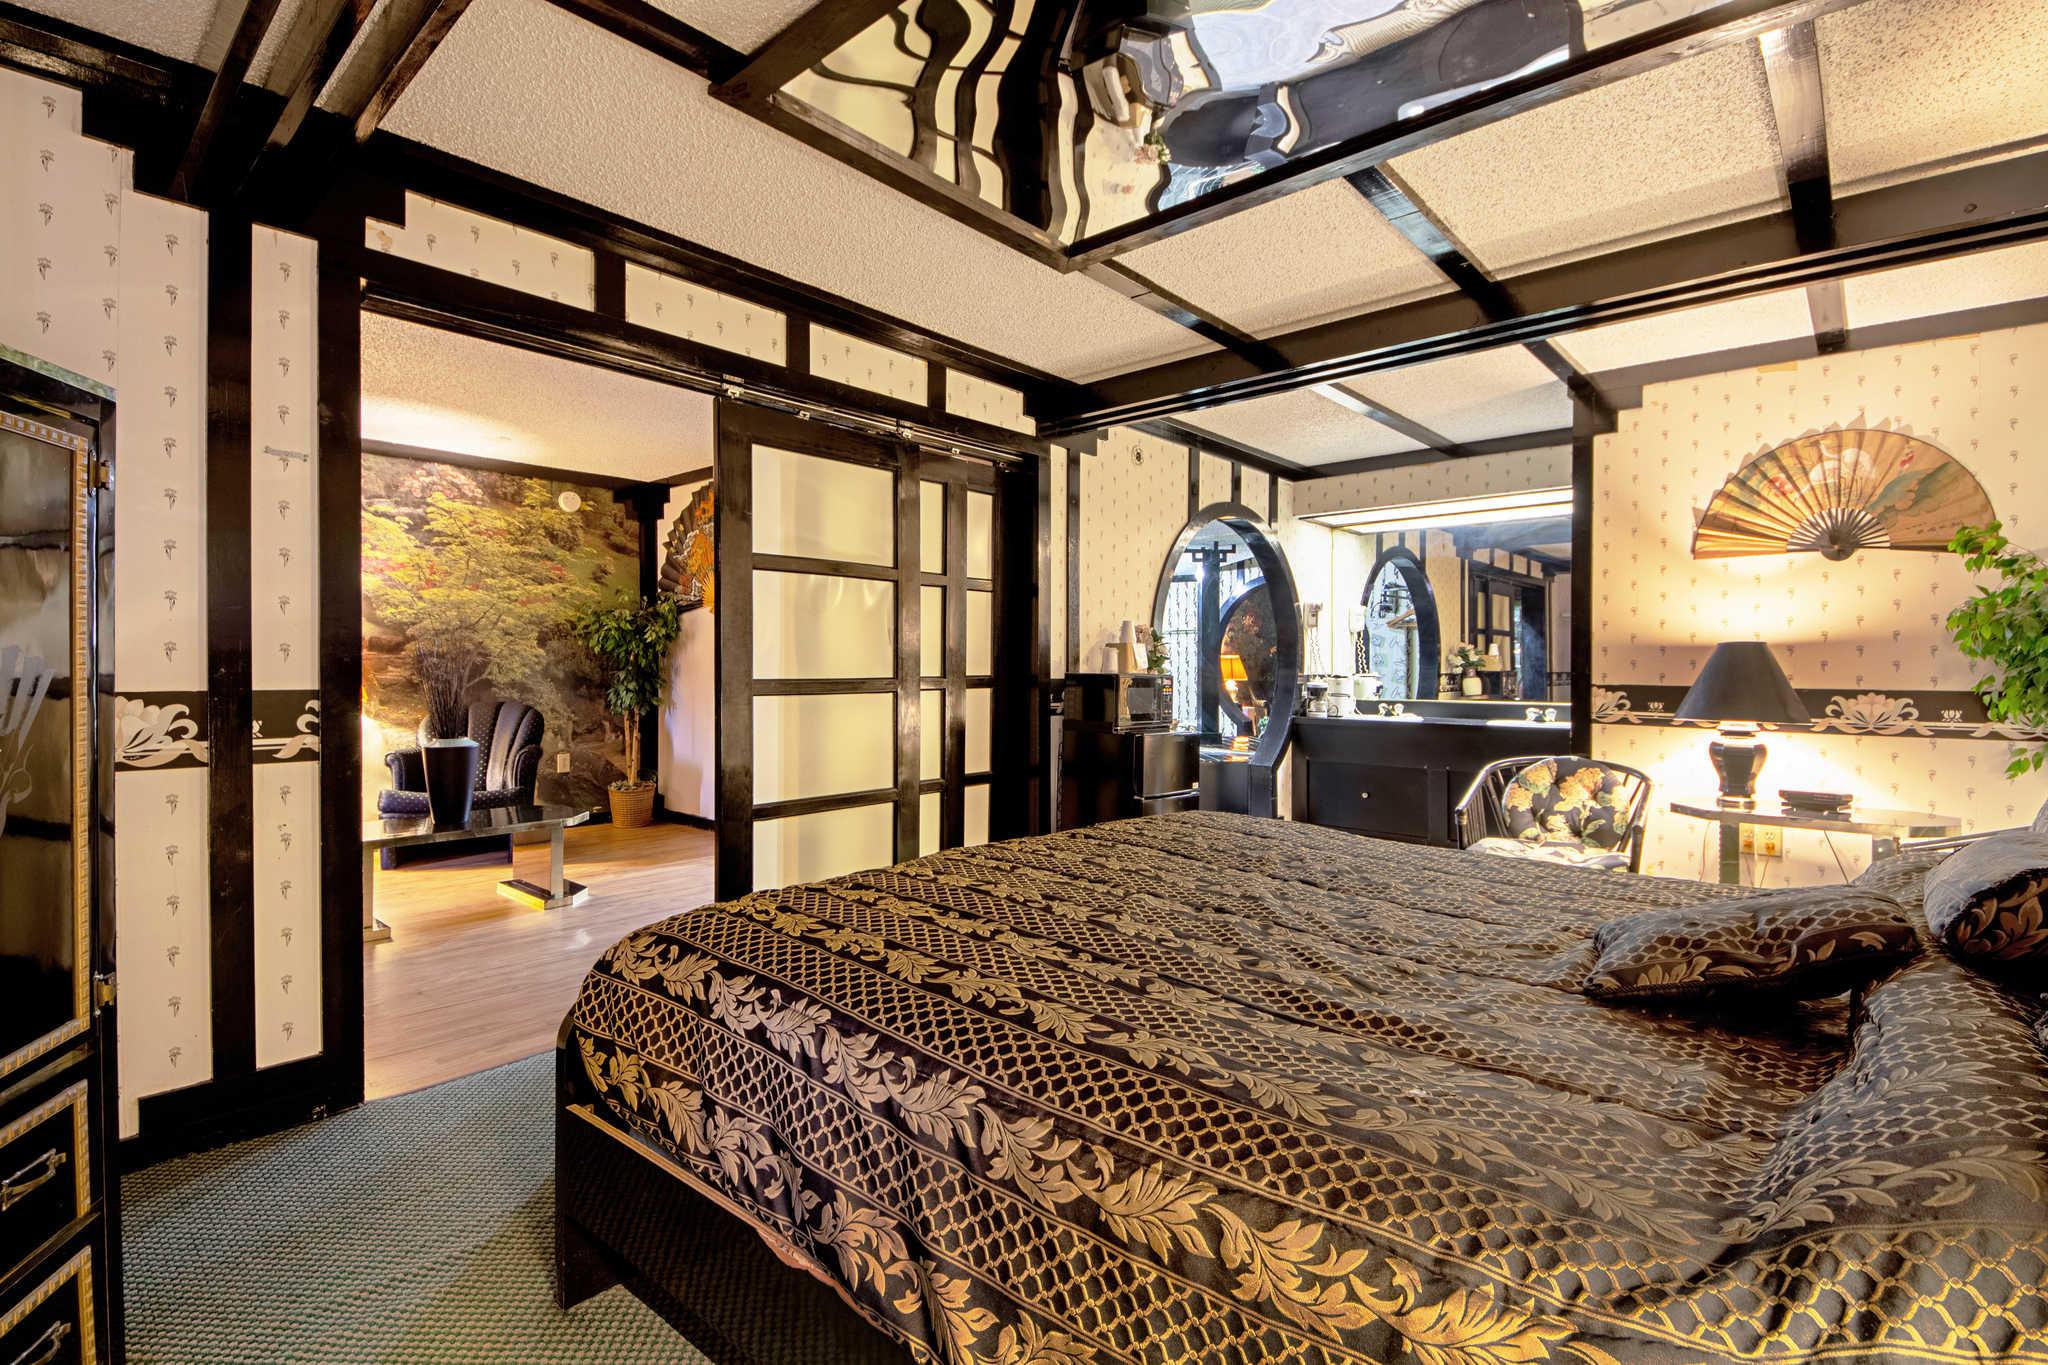 Rodeway Inn & Suites image 47